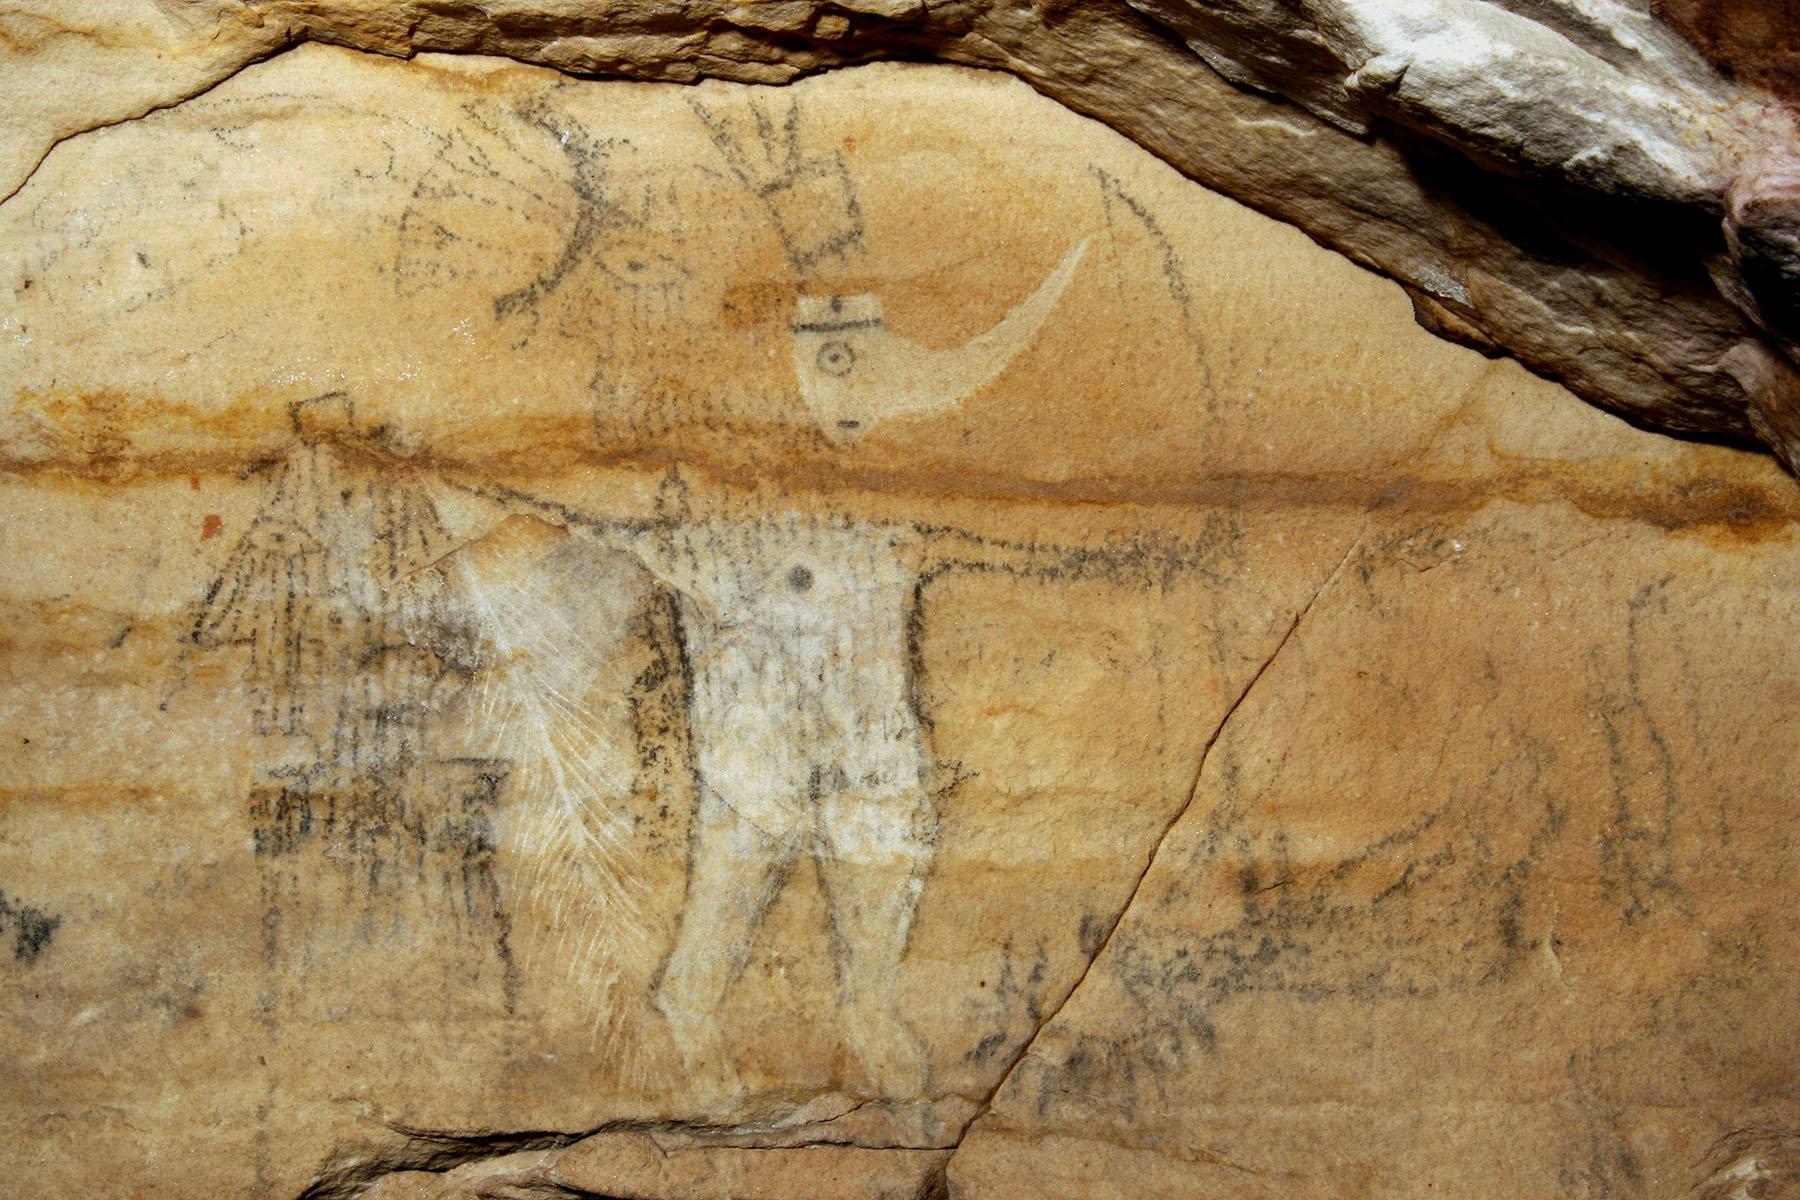 Пещеру коренных американцев, украшенную наскальными рисунками, продали на аукционе за 2,2 миллиона долларов